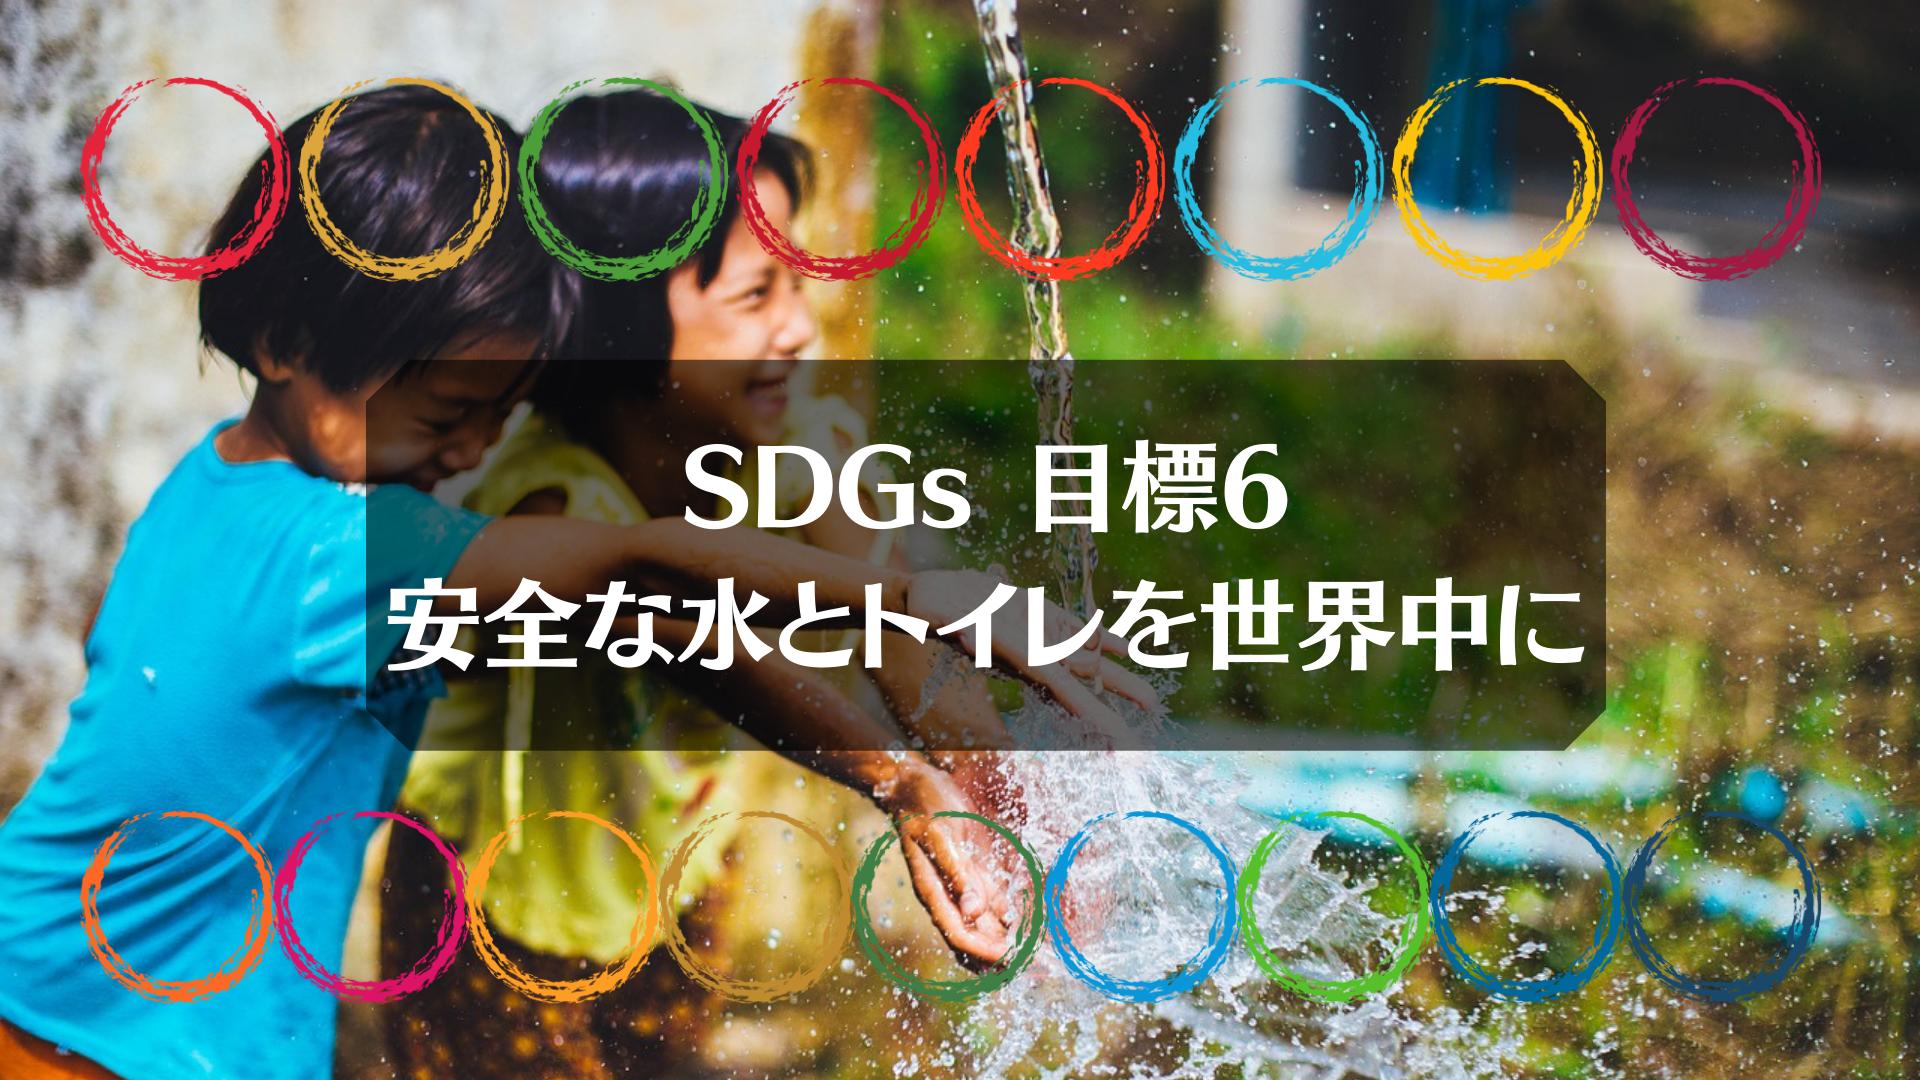 SDGs目標6「安全な水とトイレを世界中に」とは|飲み水・トイレ以外の重要ポイントも